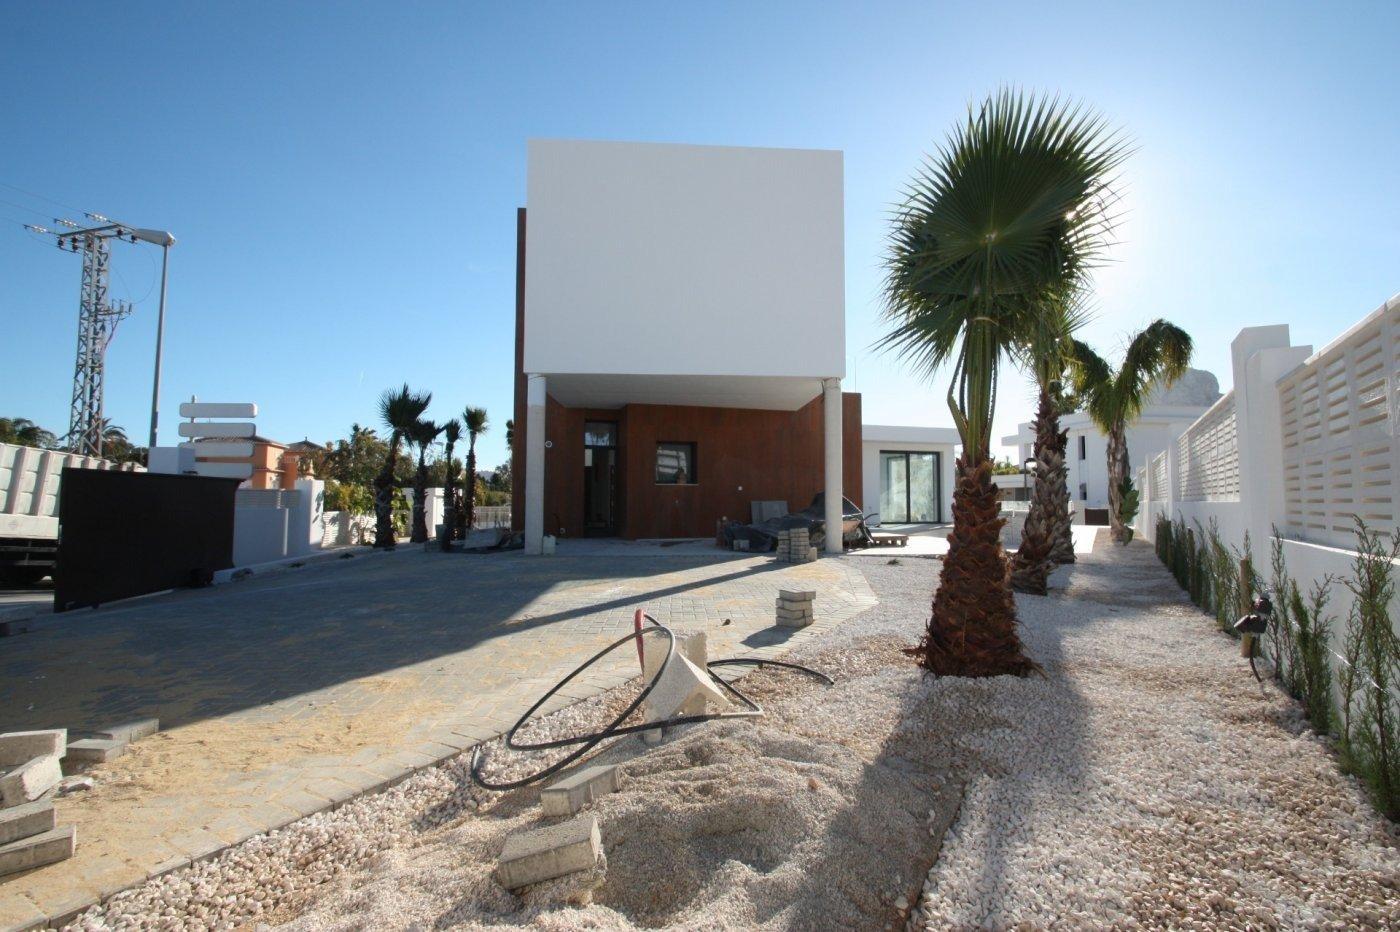 Villa de obra nueva de estilo moderno en venta en calpe a 600 m de la playa - imagenInmueble16